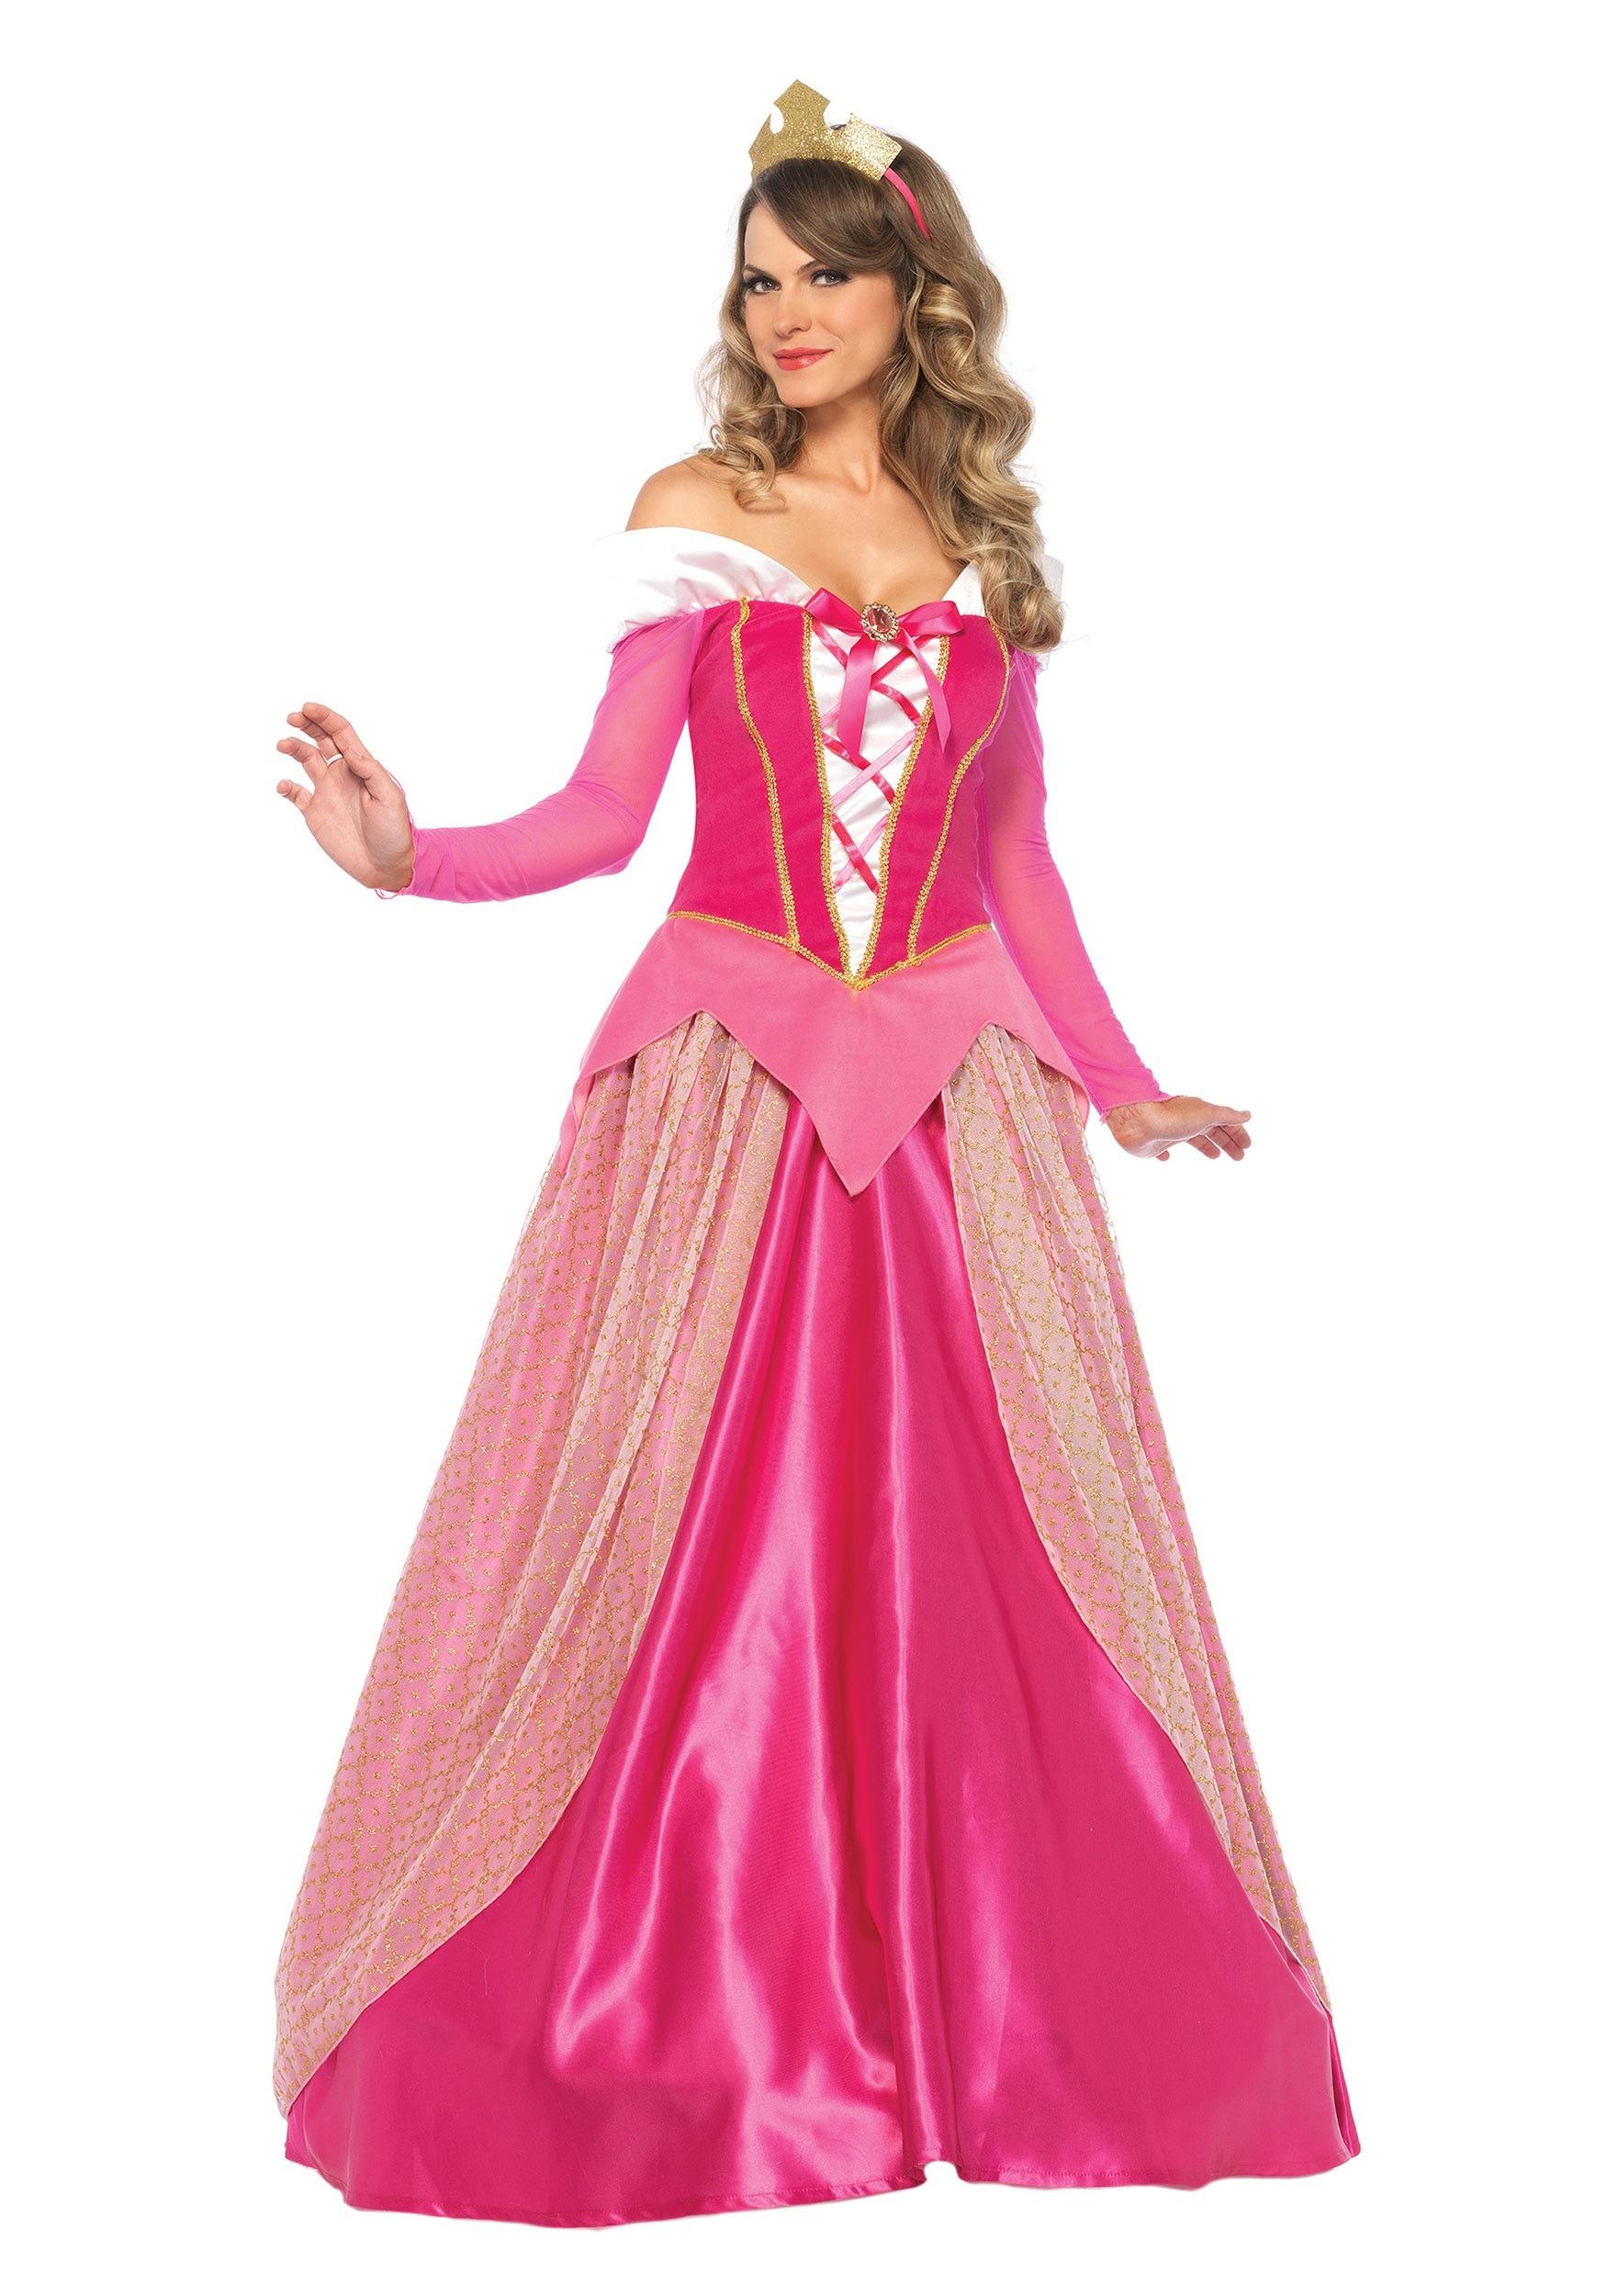 Sleeping Beauty Costumes